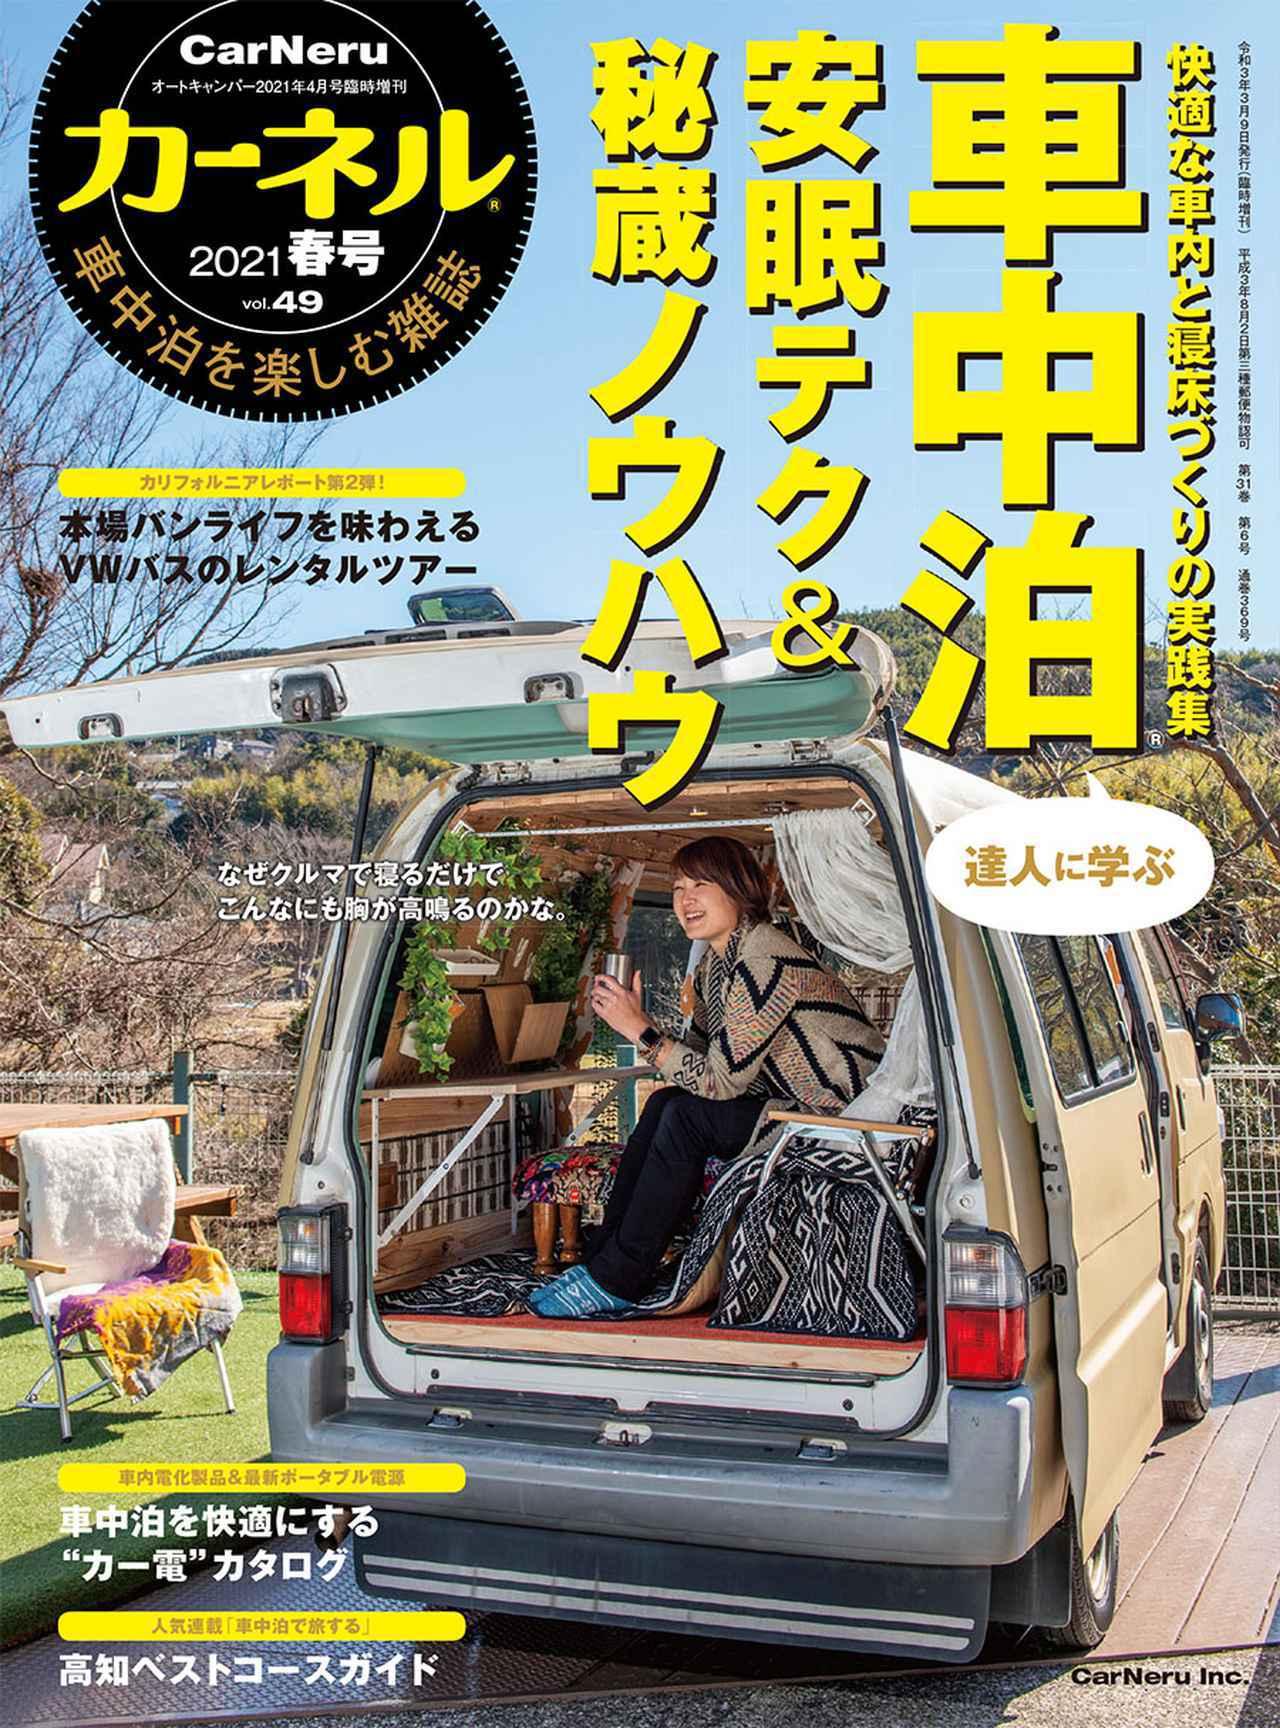 画像1: 車中泊の達人からカー電&ポタ電、バンライフ、新作キャンピングカーなど、見どころ満載!